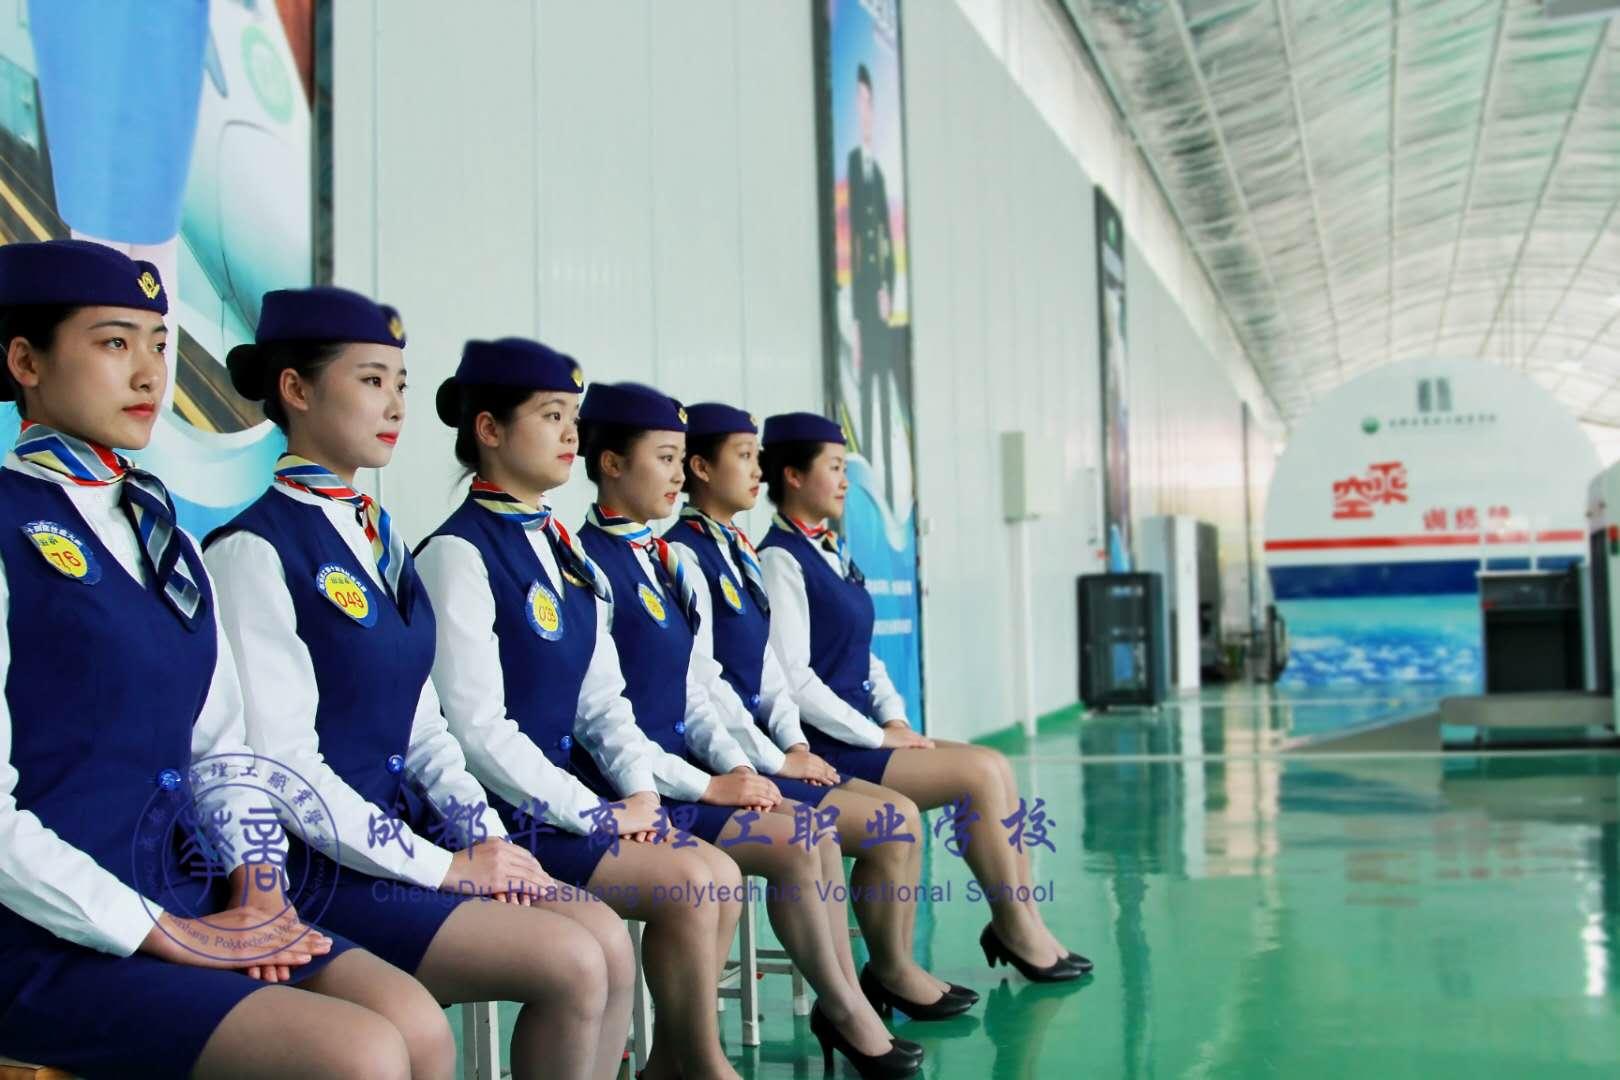 成都职业学校放飞航空梦,开创发展前景